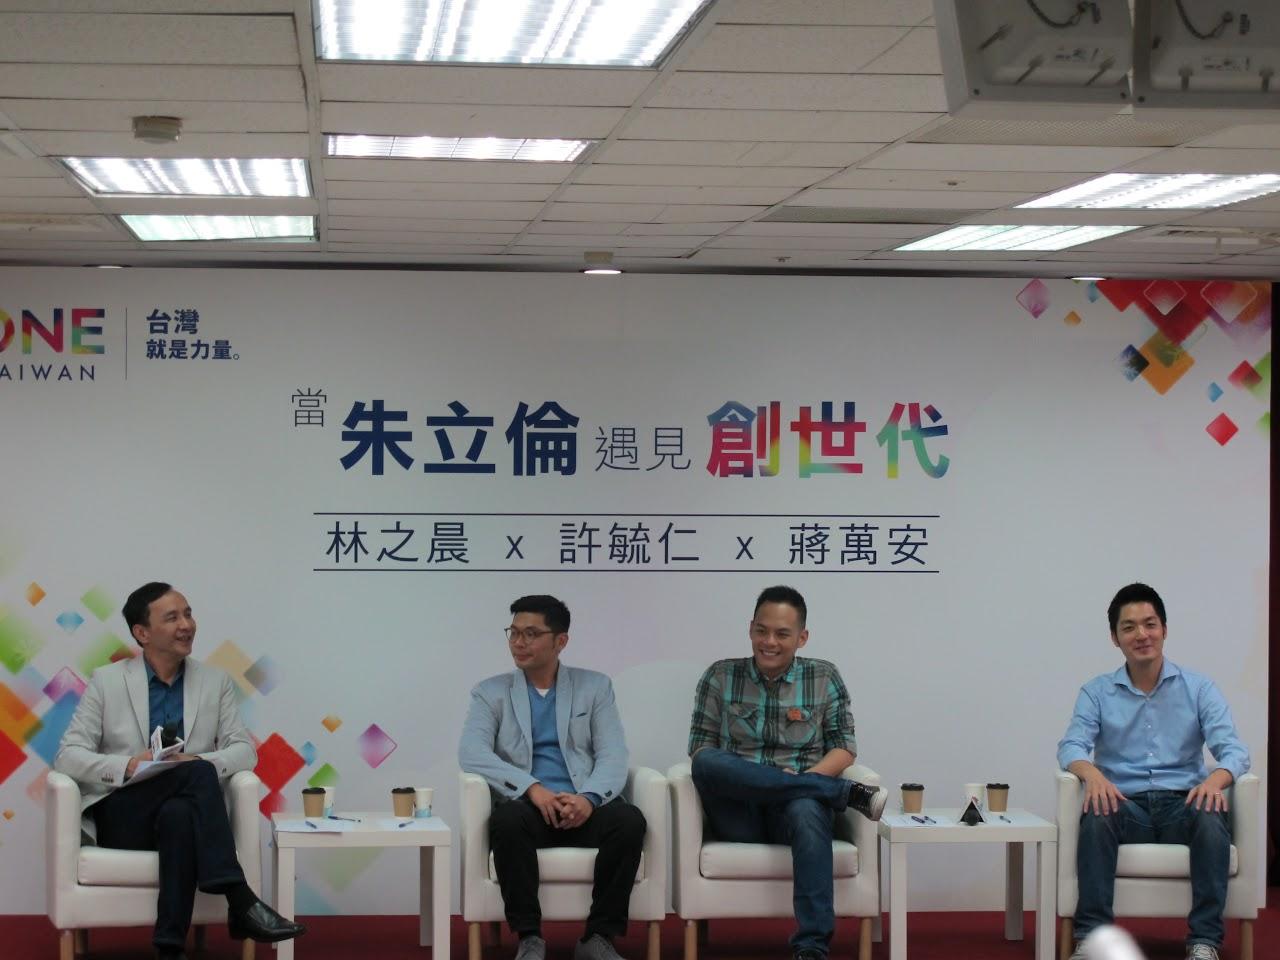 朱立倫拋六大科技政策,林之晨:我不在乎誰當選,只在乎誰有決心把台灣發展成網路強國!